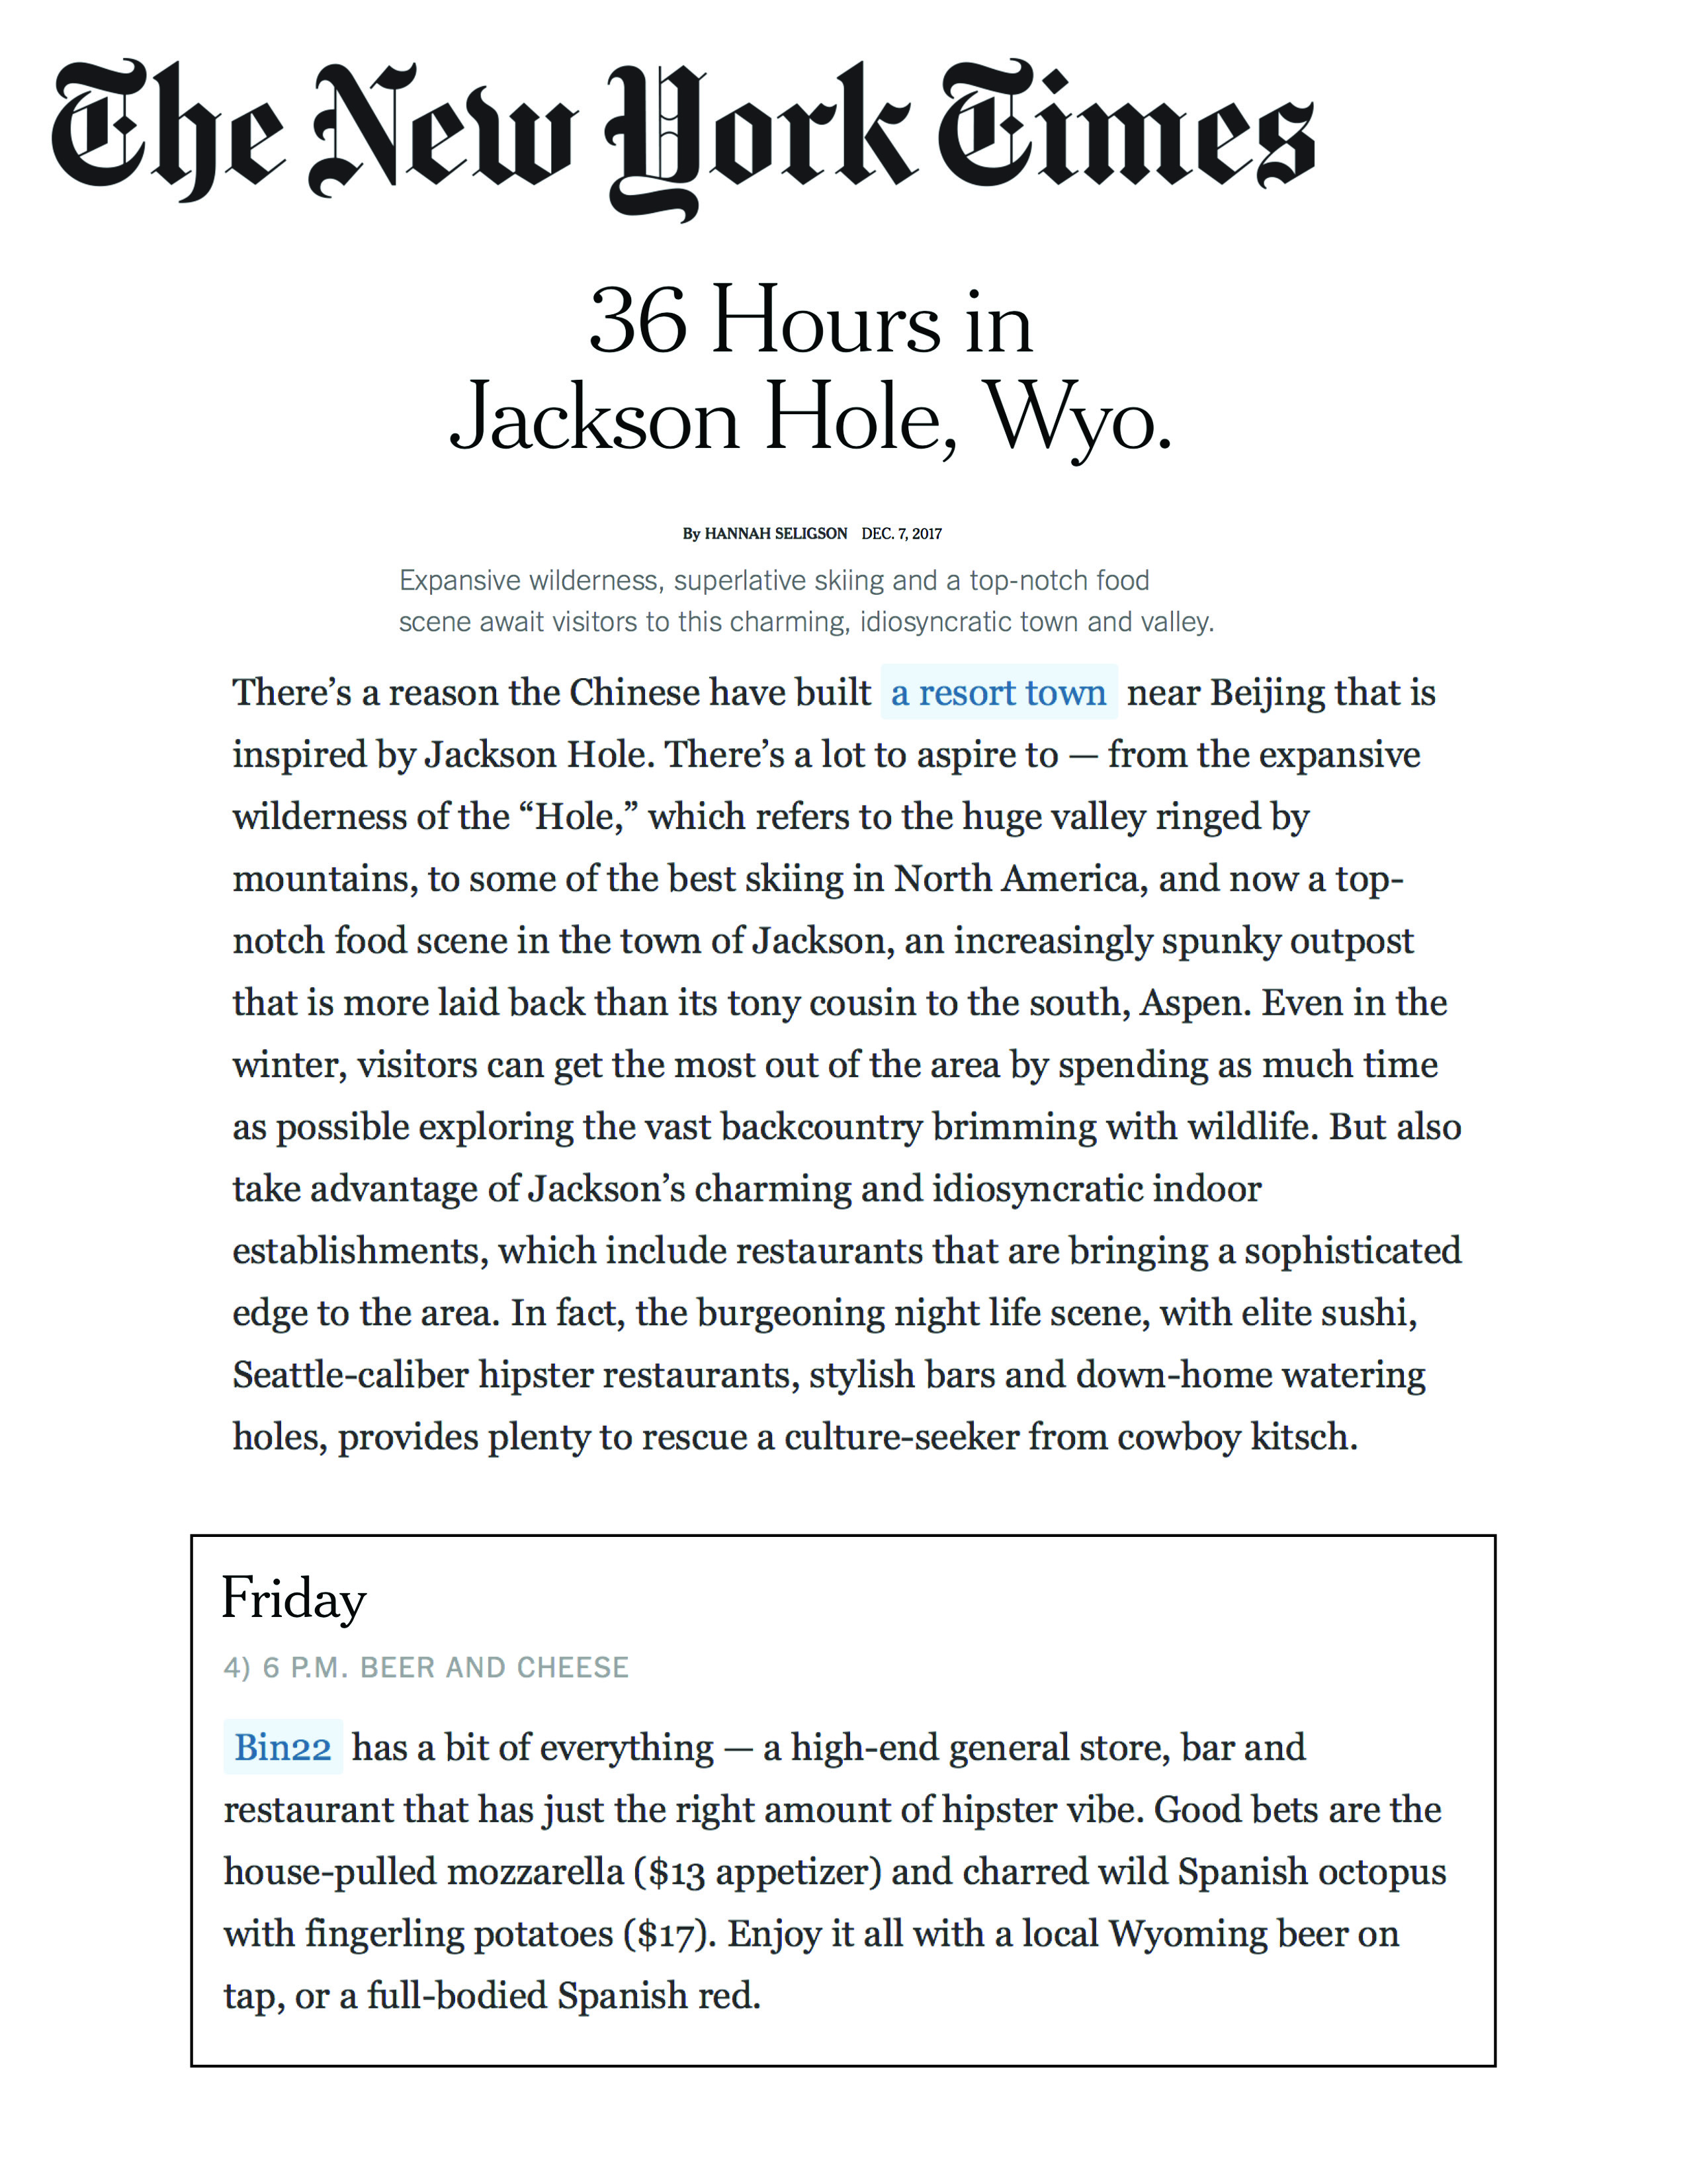 Press item at Bin 22 - New York Times